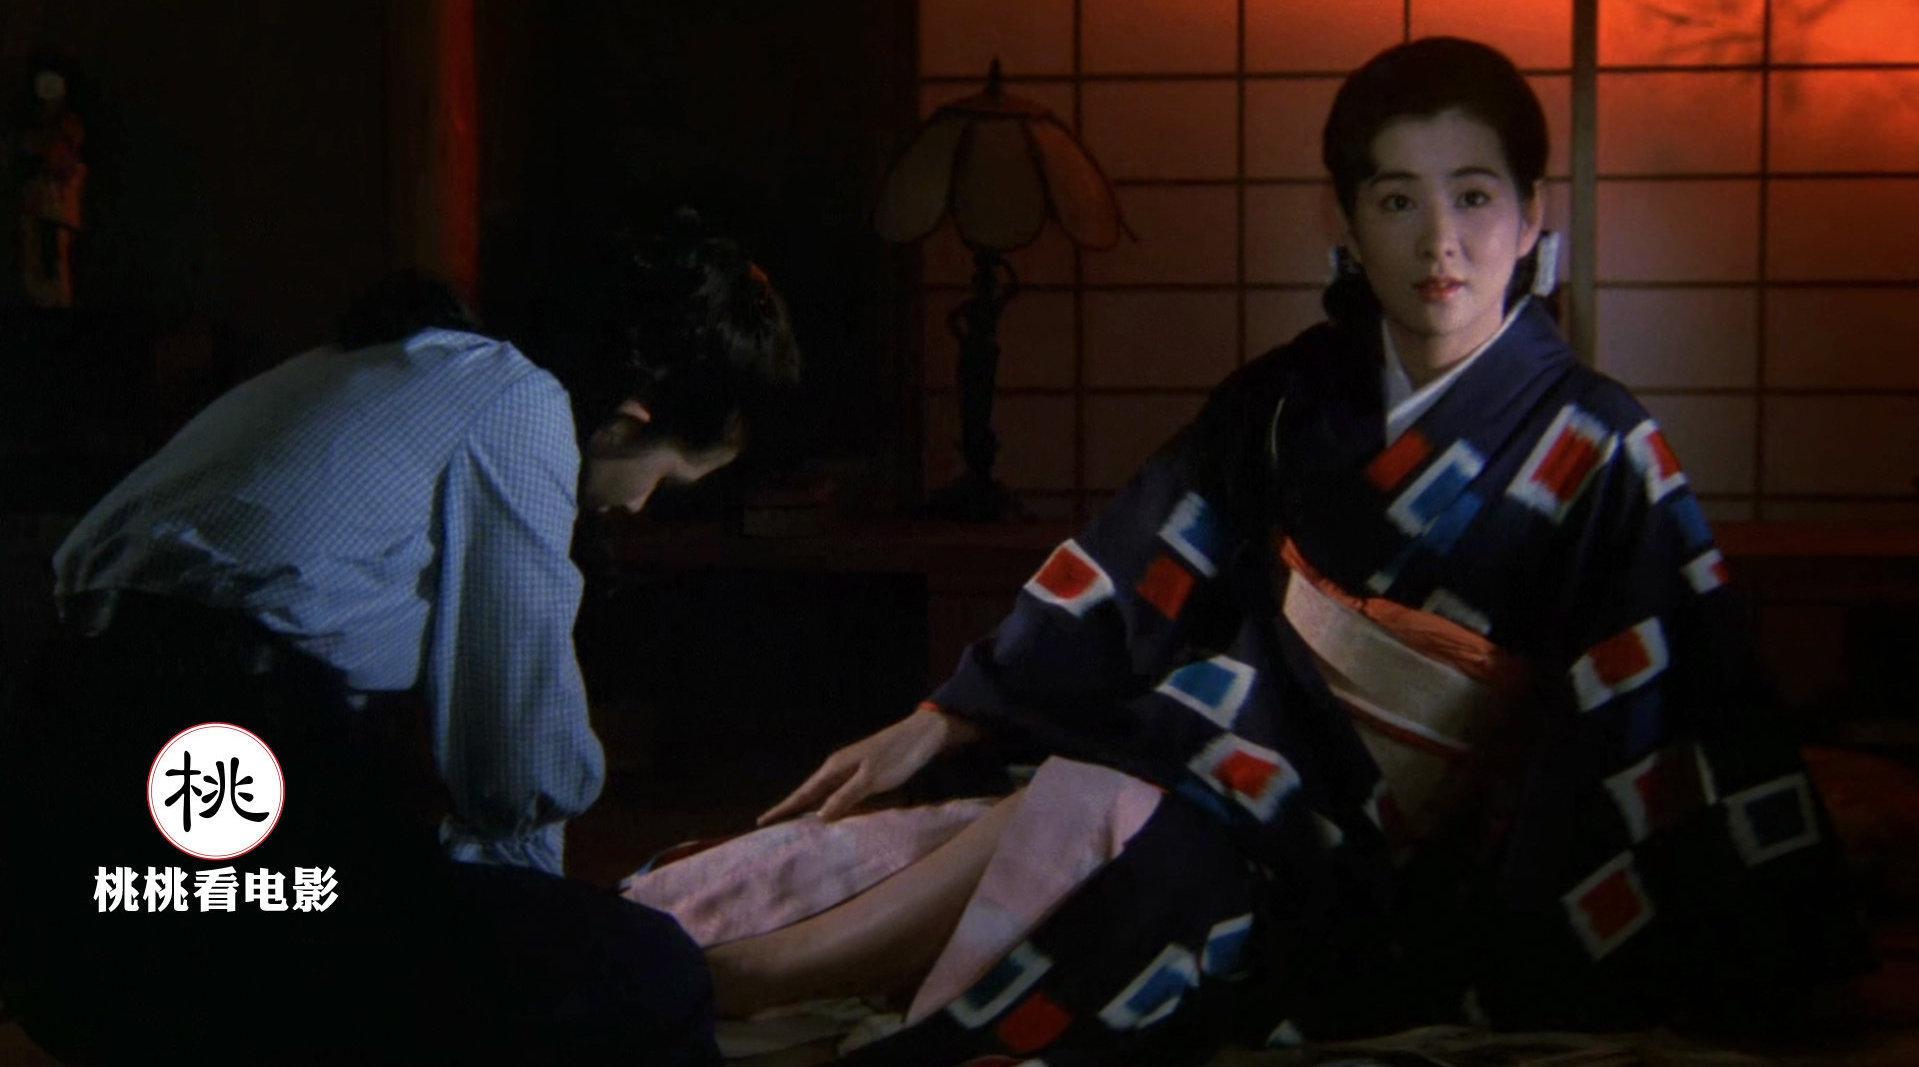 """14岁就初登大银幕的吉永小百合,简直是""""青春永驻""""这个词的化身"""